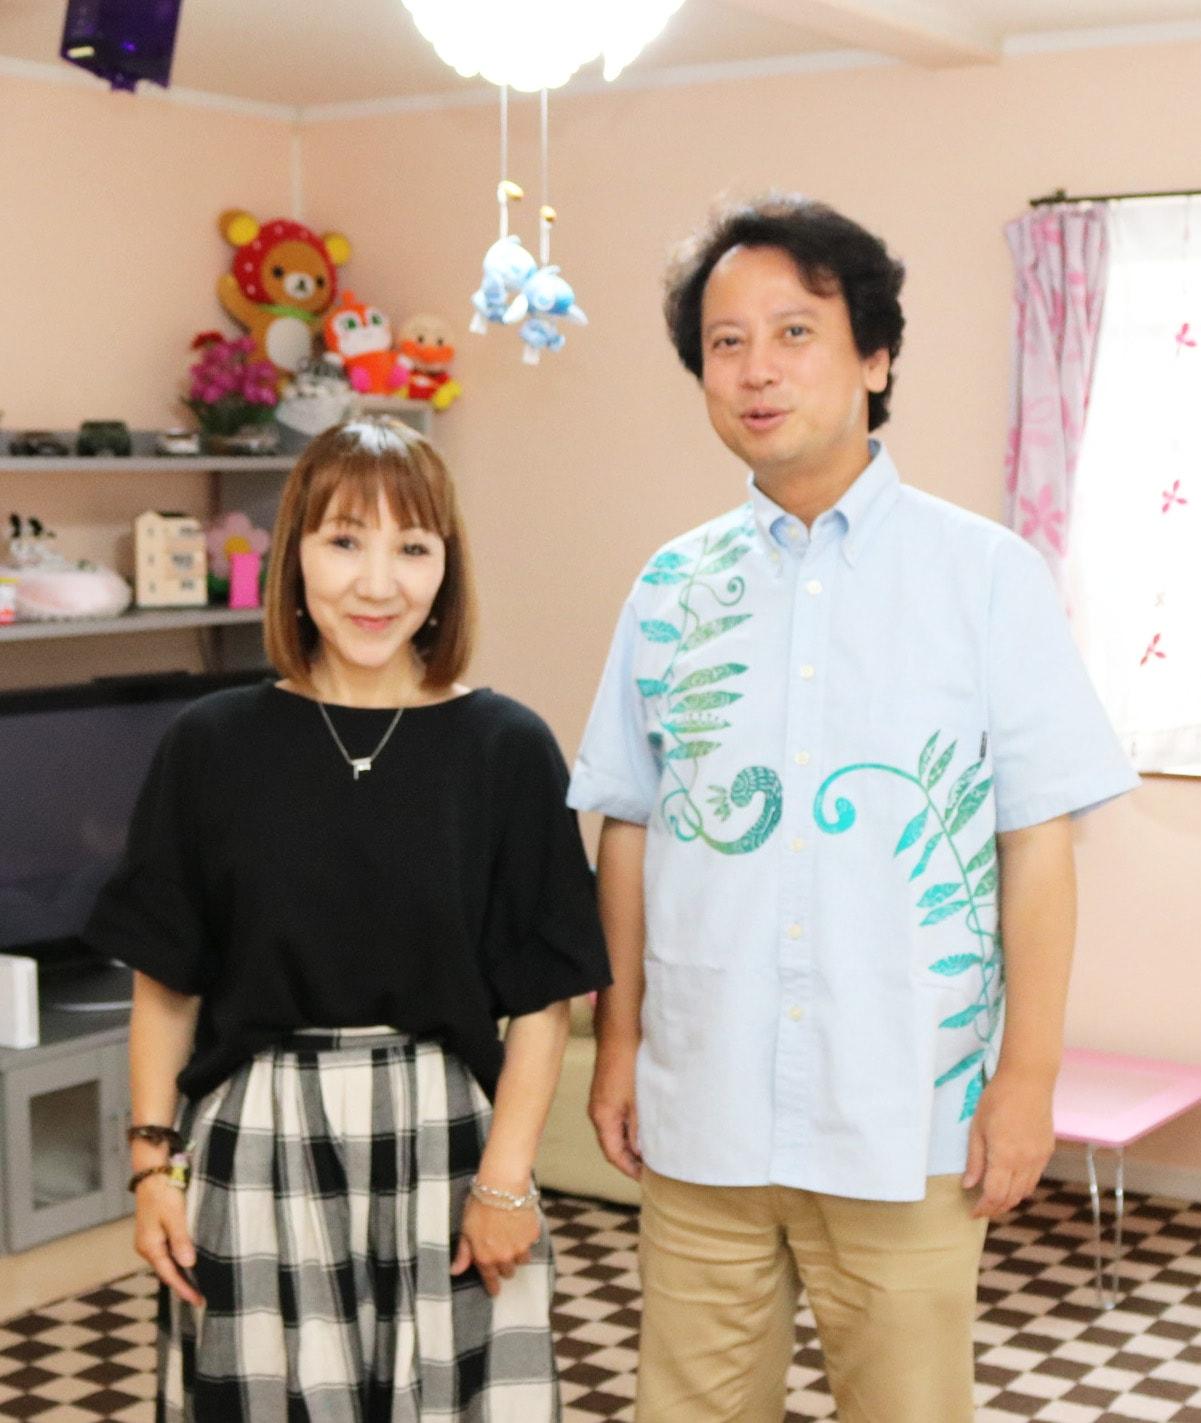 藤本ひとみさんと柴山弘文